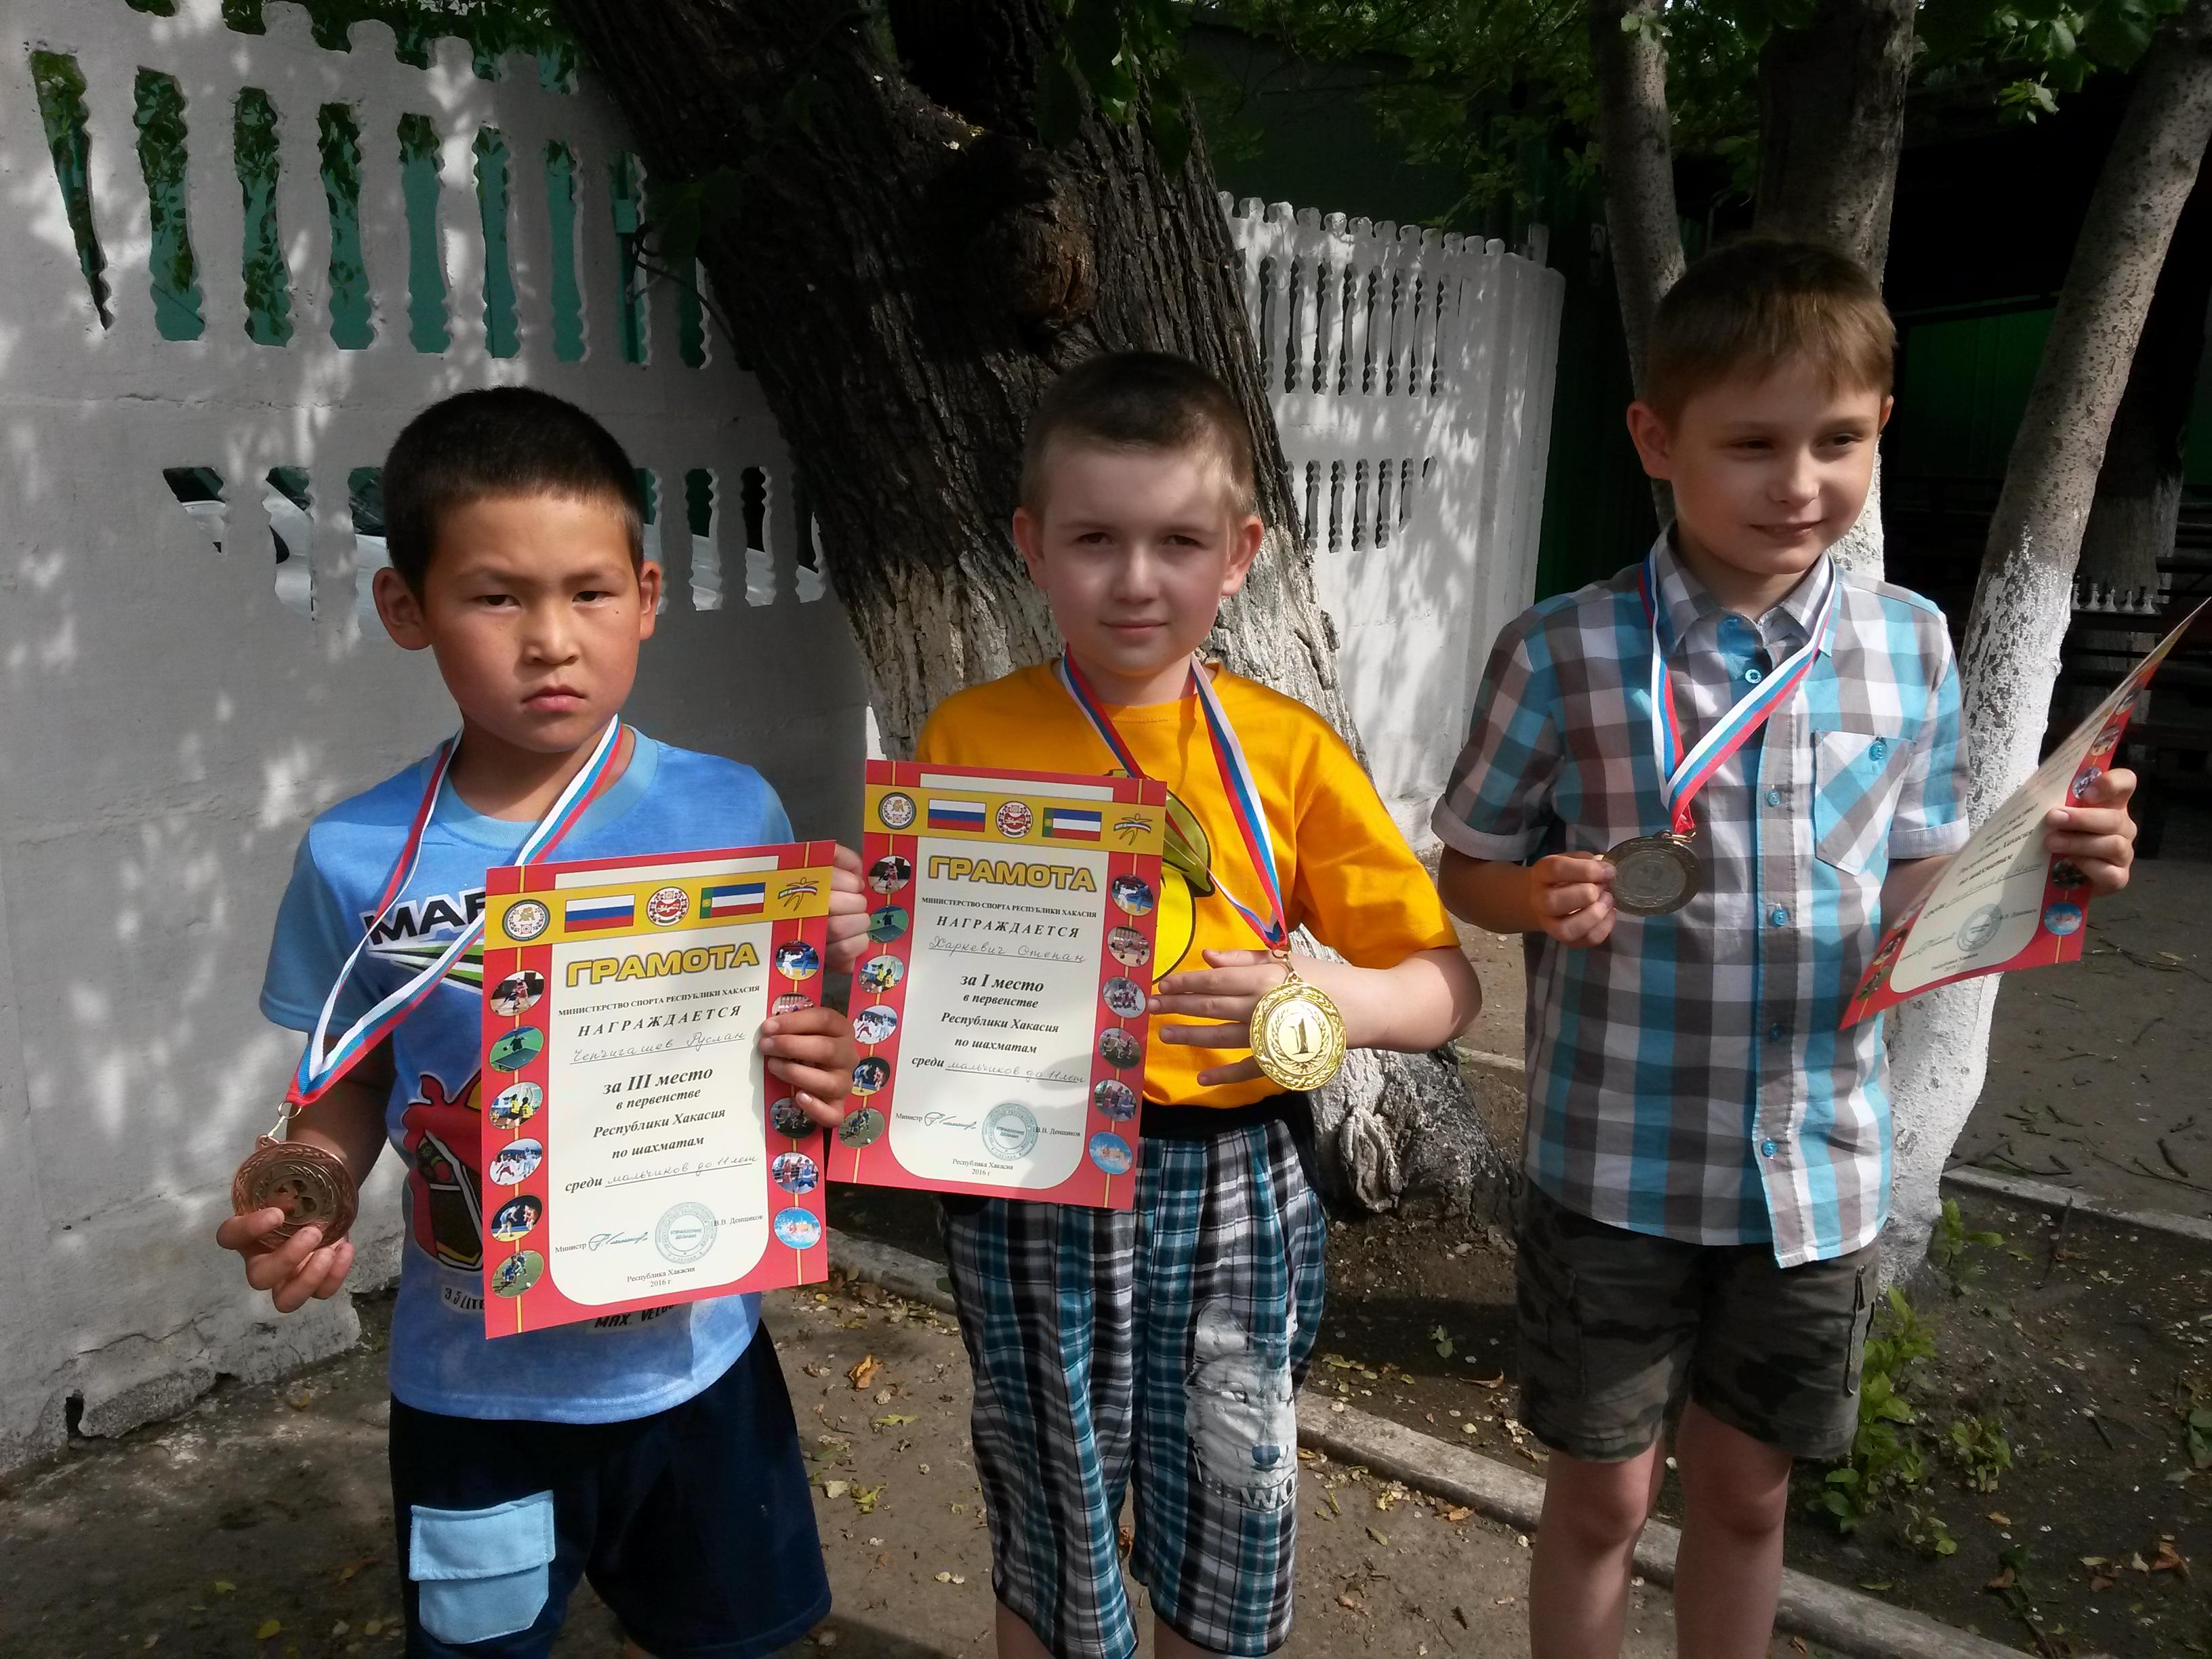 Мальчики не старше 10 лет. Слева направо:Руслан Чепчигашев(3место),Степан Харкевич(чемпион),Владимир Кобылянский(2 место).